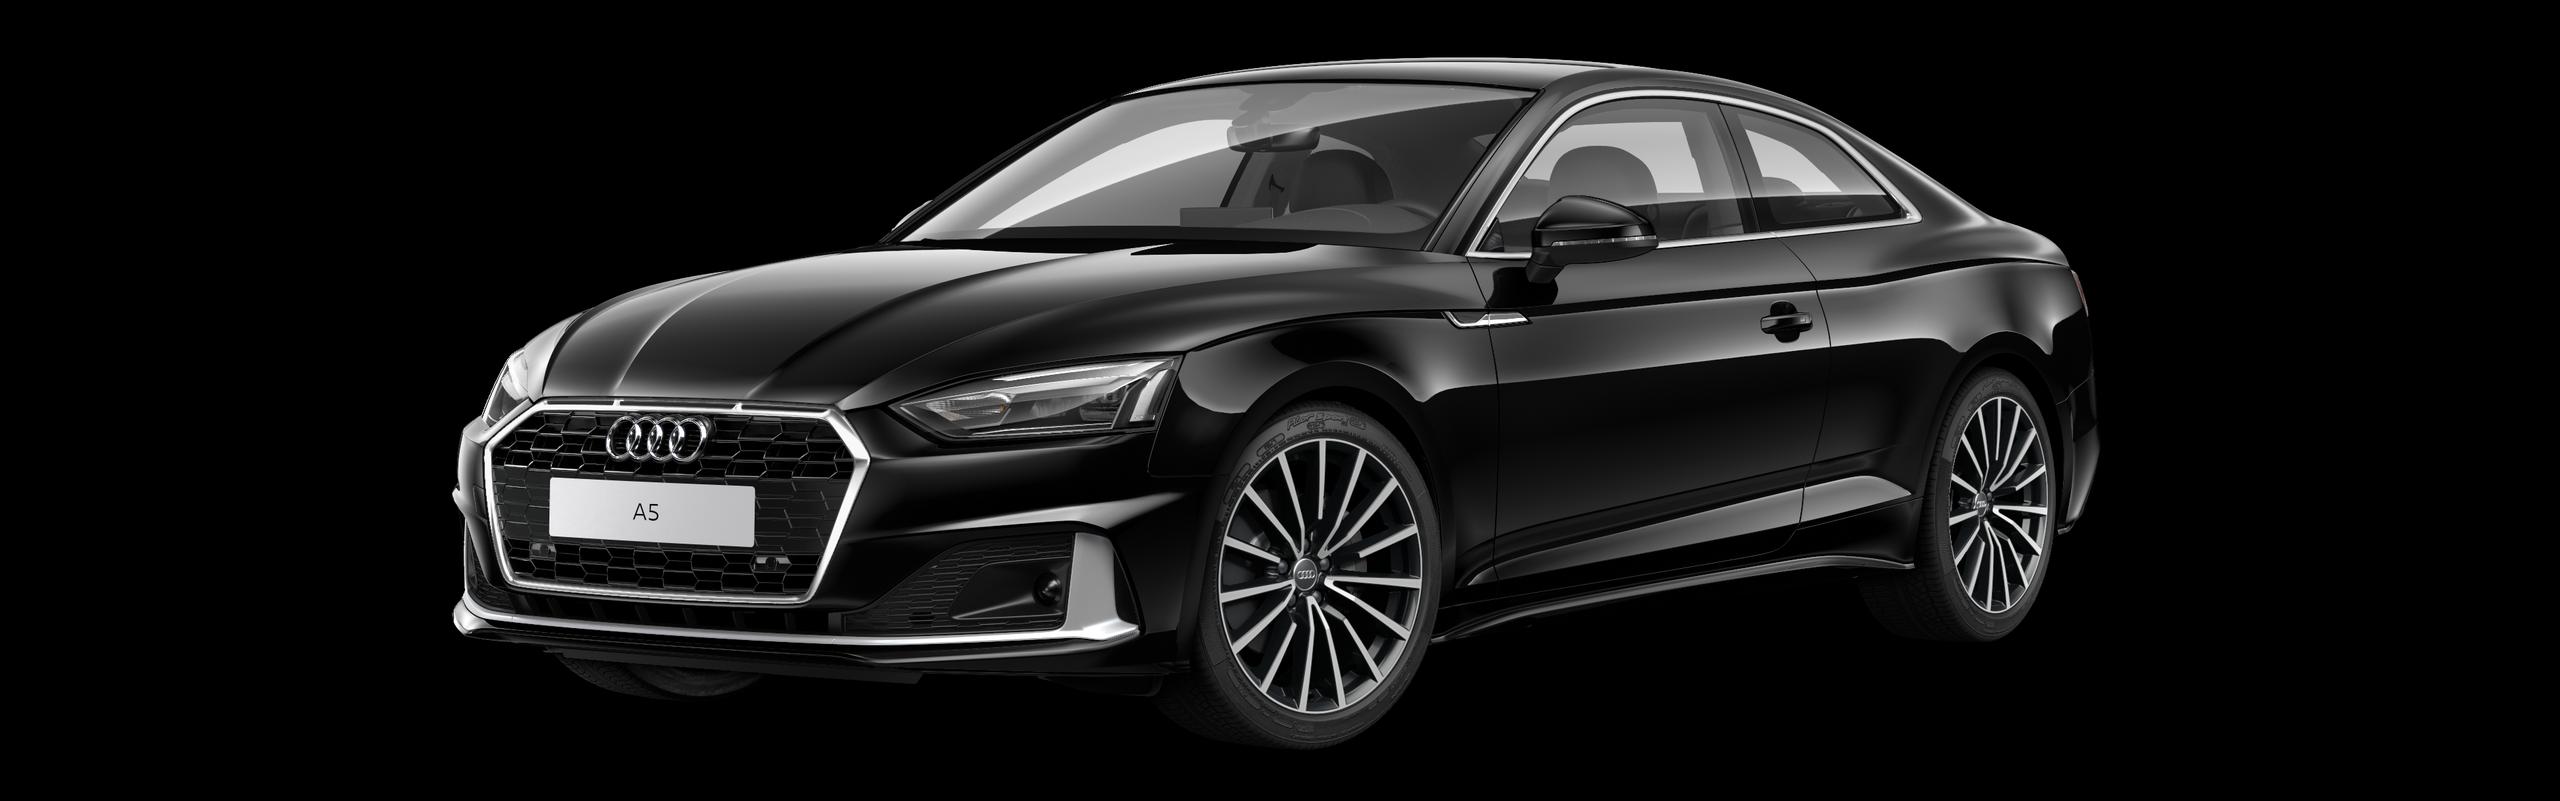 AUDI A5 COUPÉ 40 TDI S-TRONIC - černá Mythos metalíza